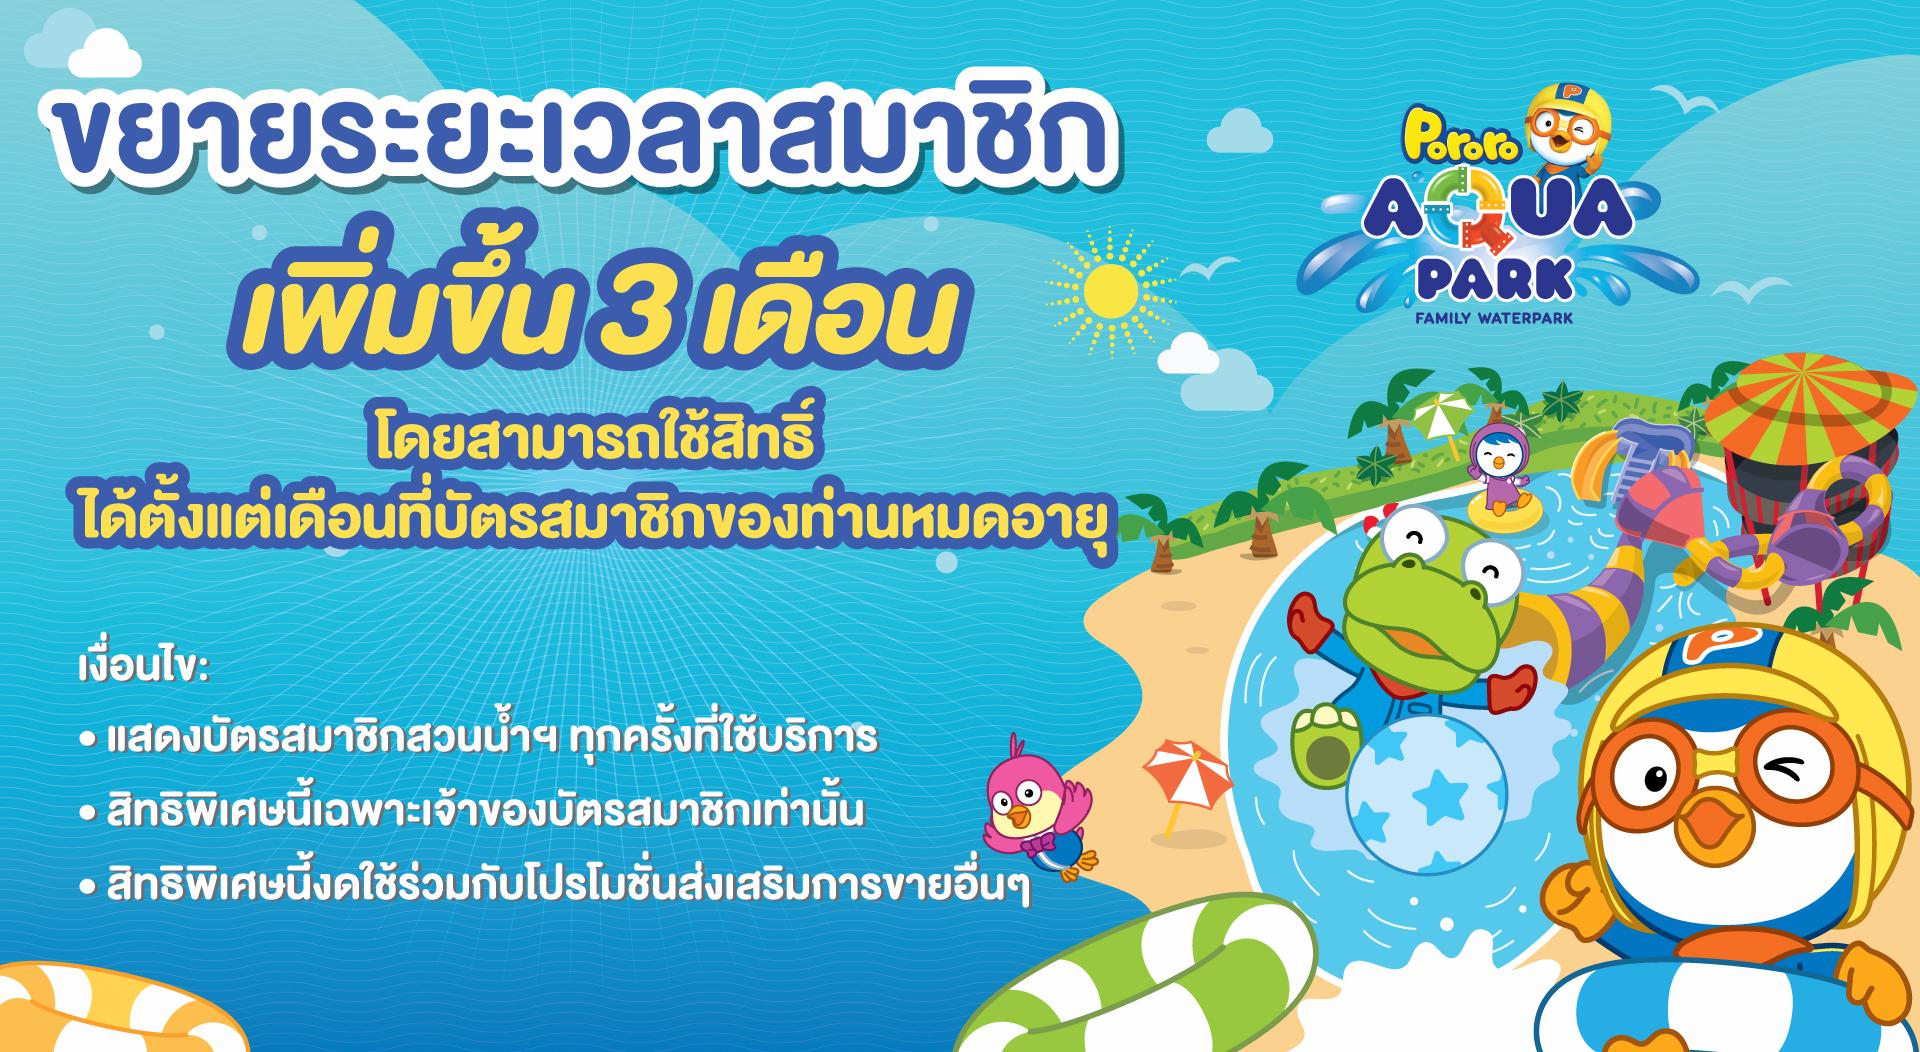 Special gift for Pororo Aquapark Bangkok member | Pororo AquaPark Bangkok